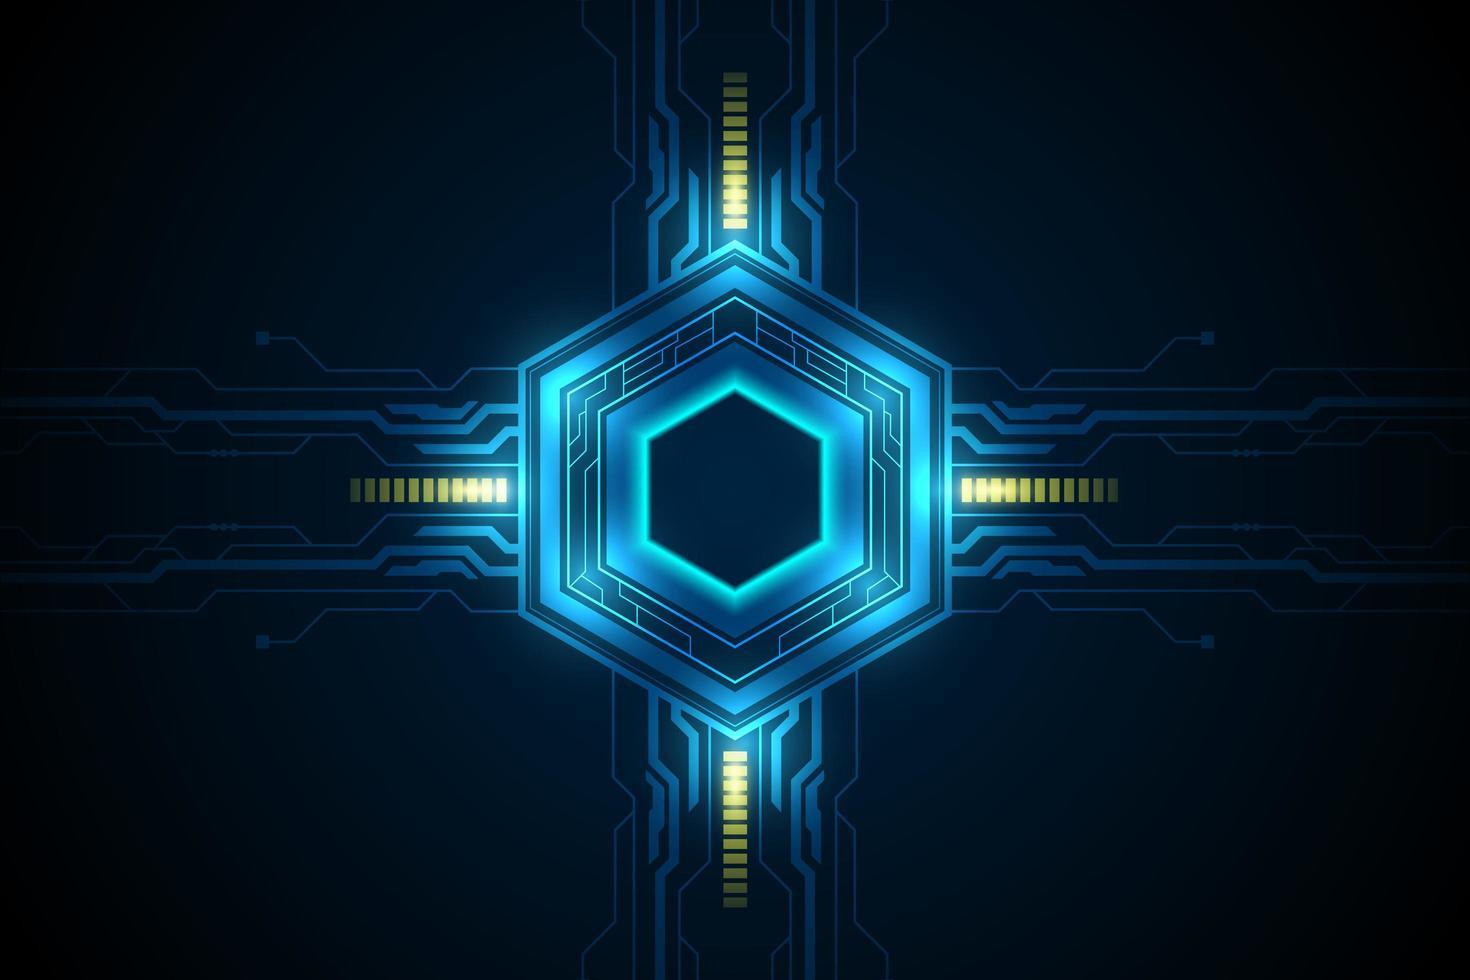 motif de science-fiction futuriste hexagonal vecteur